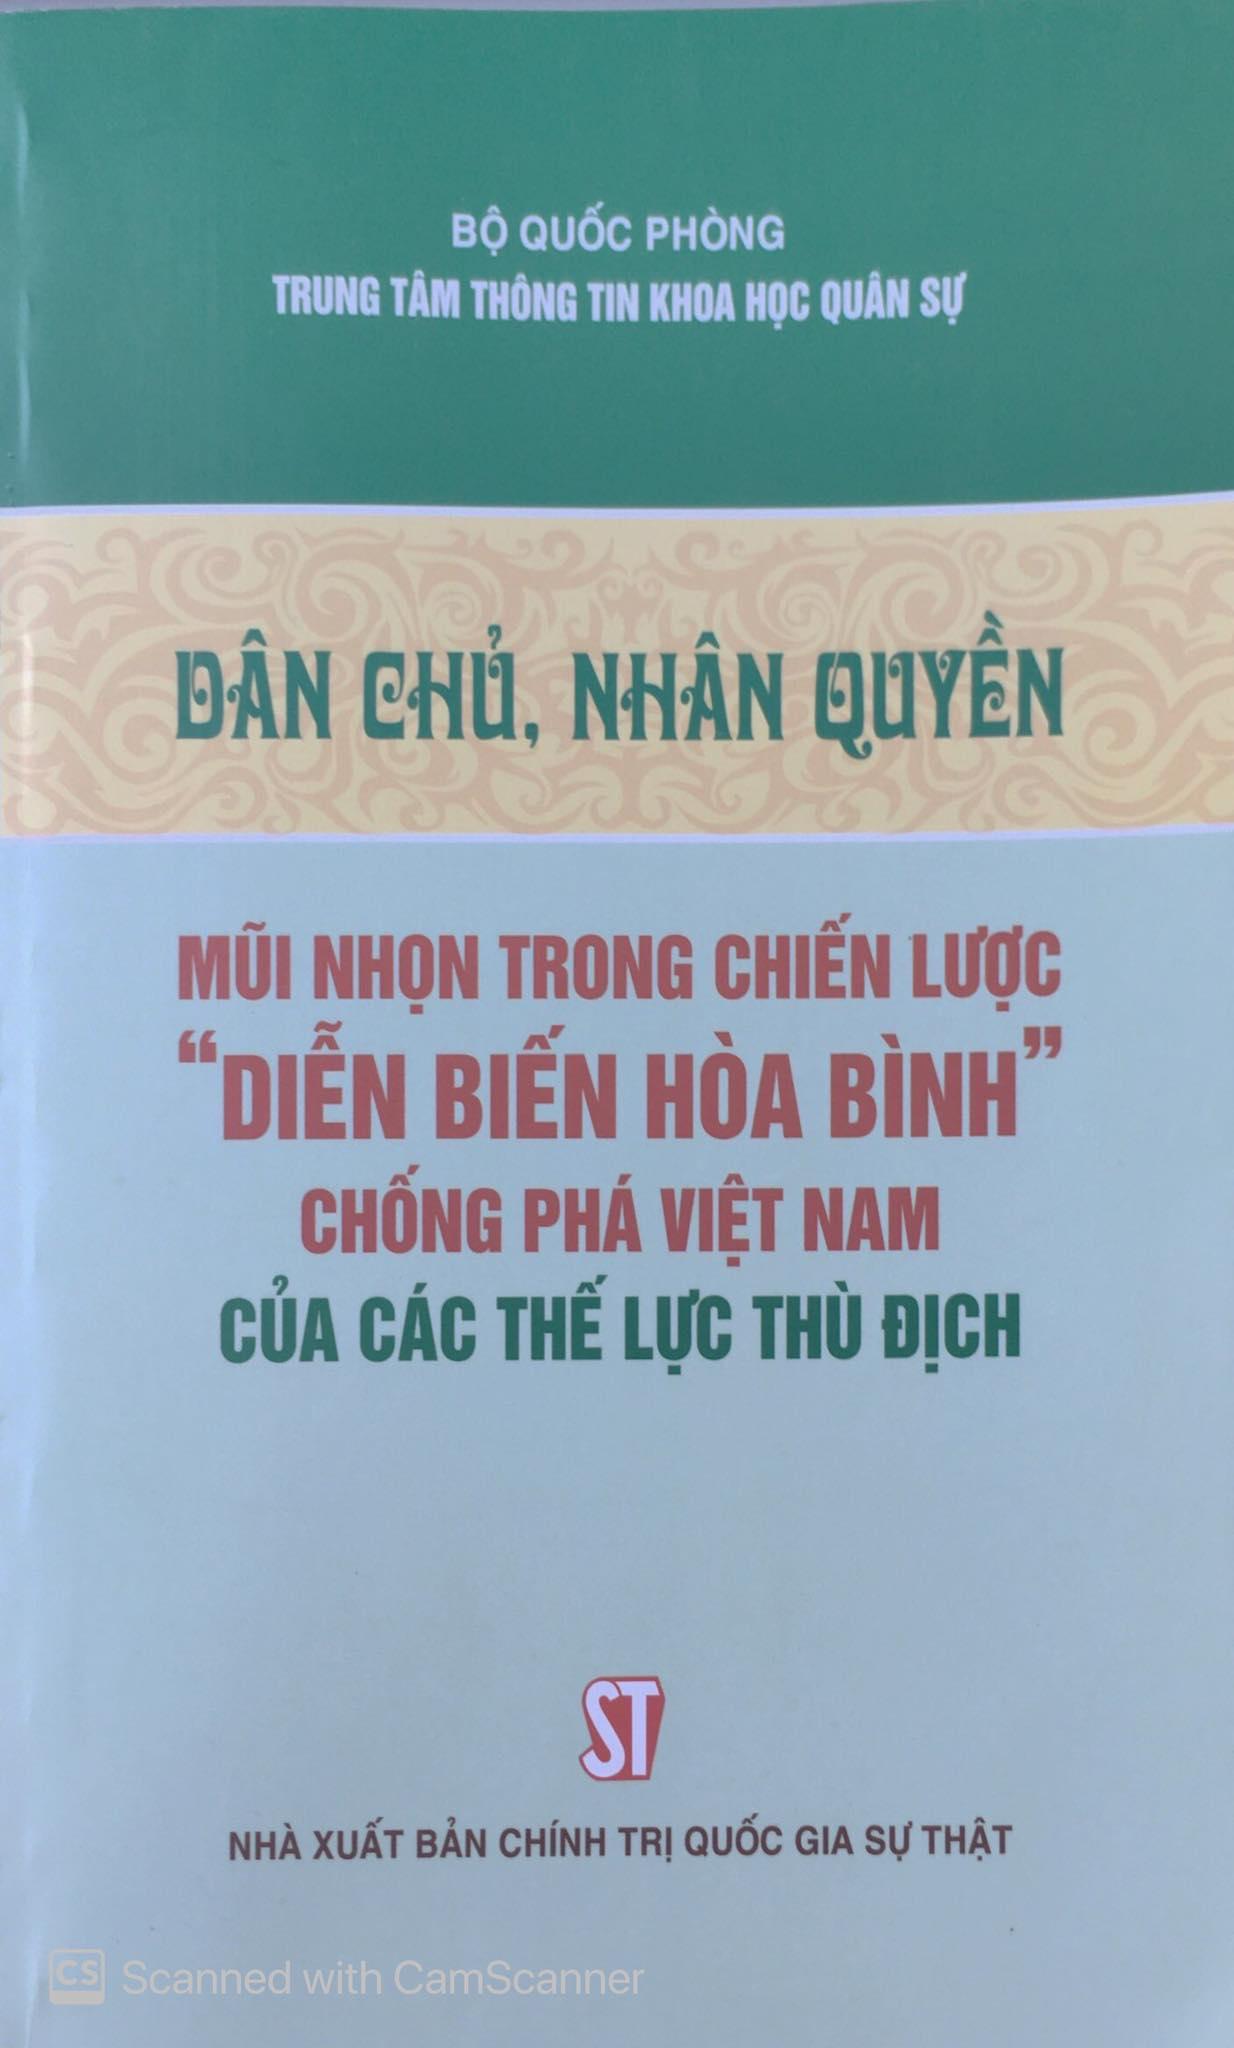 """Dân chủ, nhân quyền - mũi nhọn trong chiến lược """"diễn biến hòa bình"""" chống phá Việt Nam của các thế lực thù địch"""